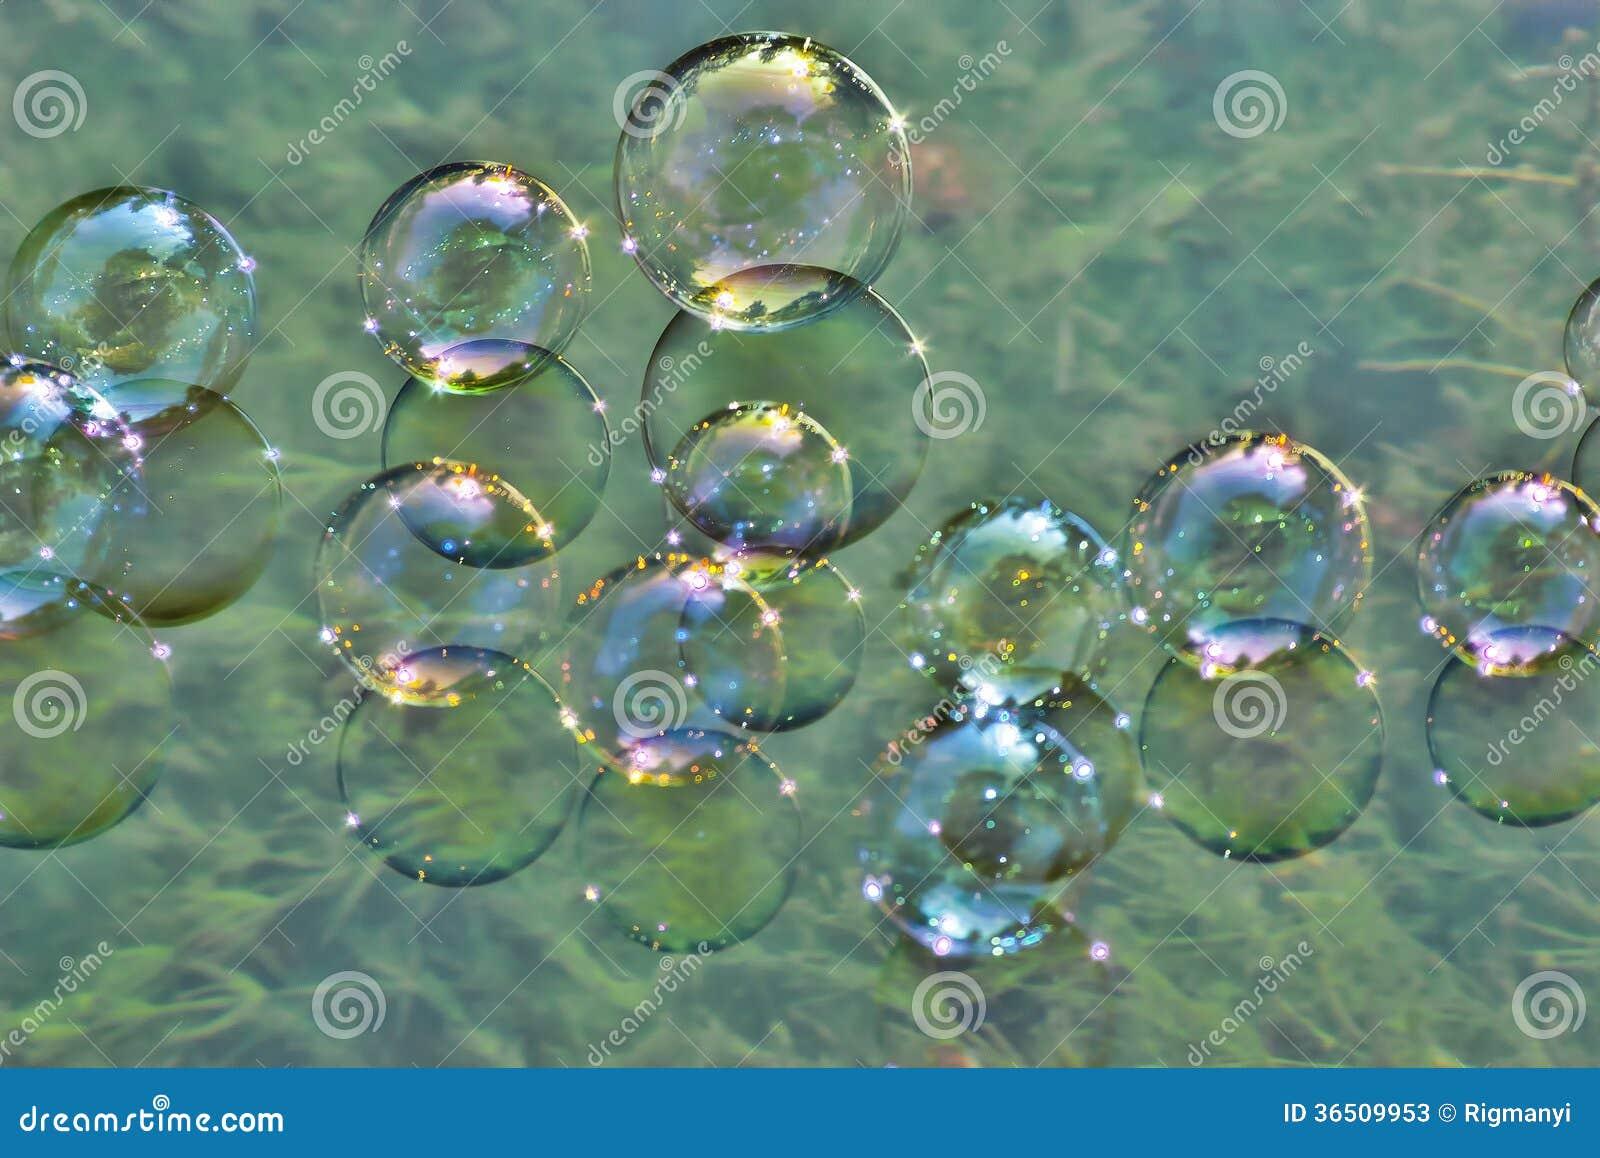 Seifenblasen auf wasser stockfotos bild 36509953 for Seifenblasen auf englisch